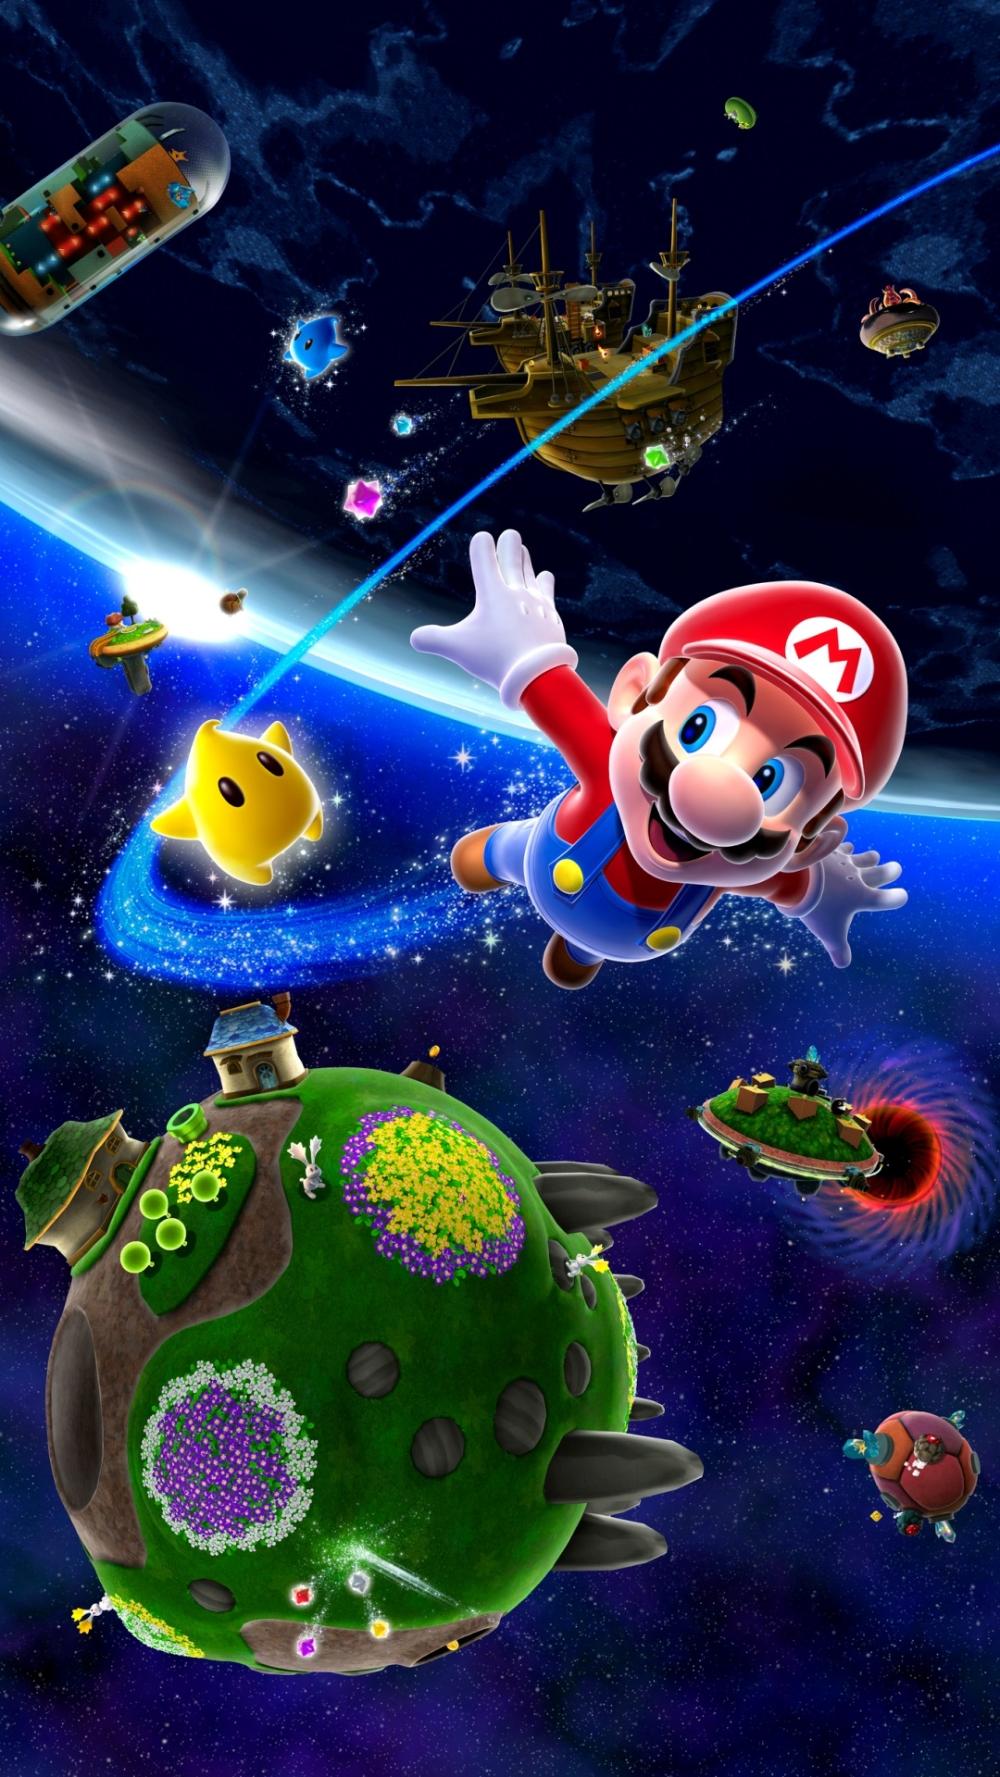 Pin By Eudy Arias On Mario Super Mario Art Super Mario Galaxy Mario Bros